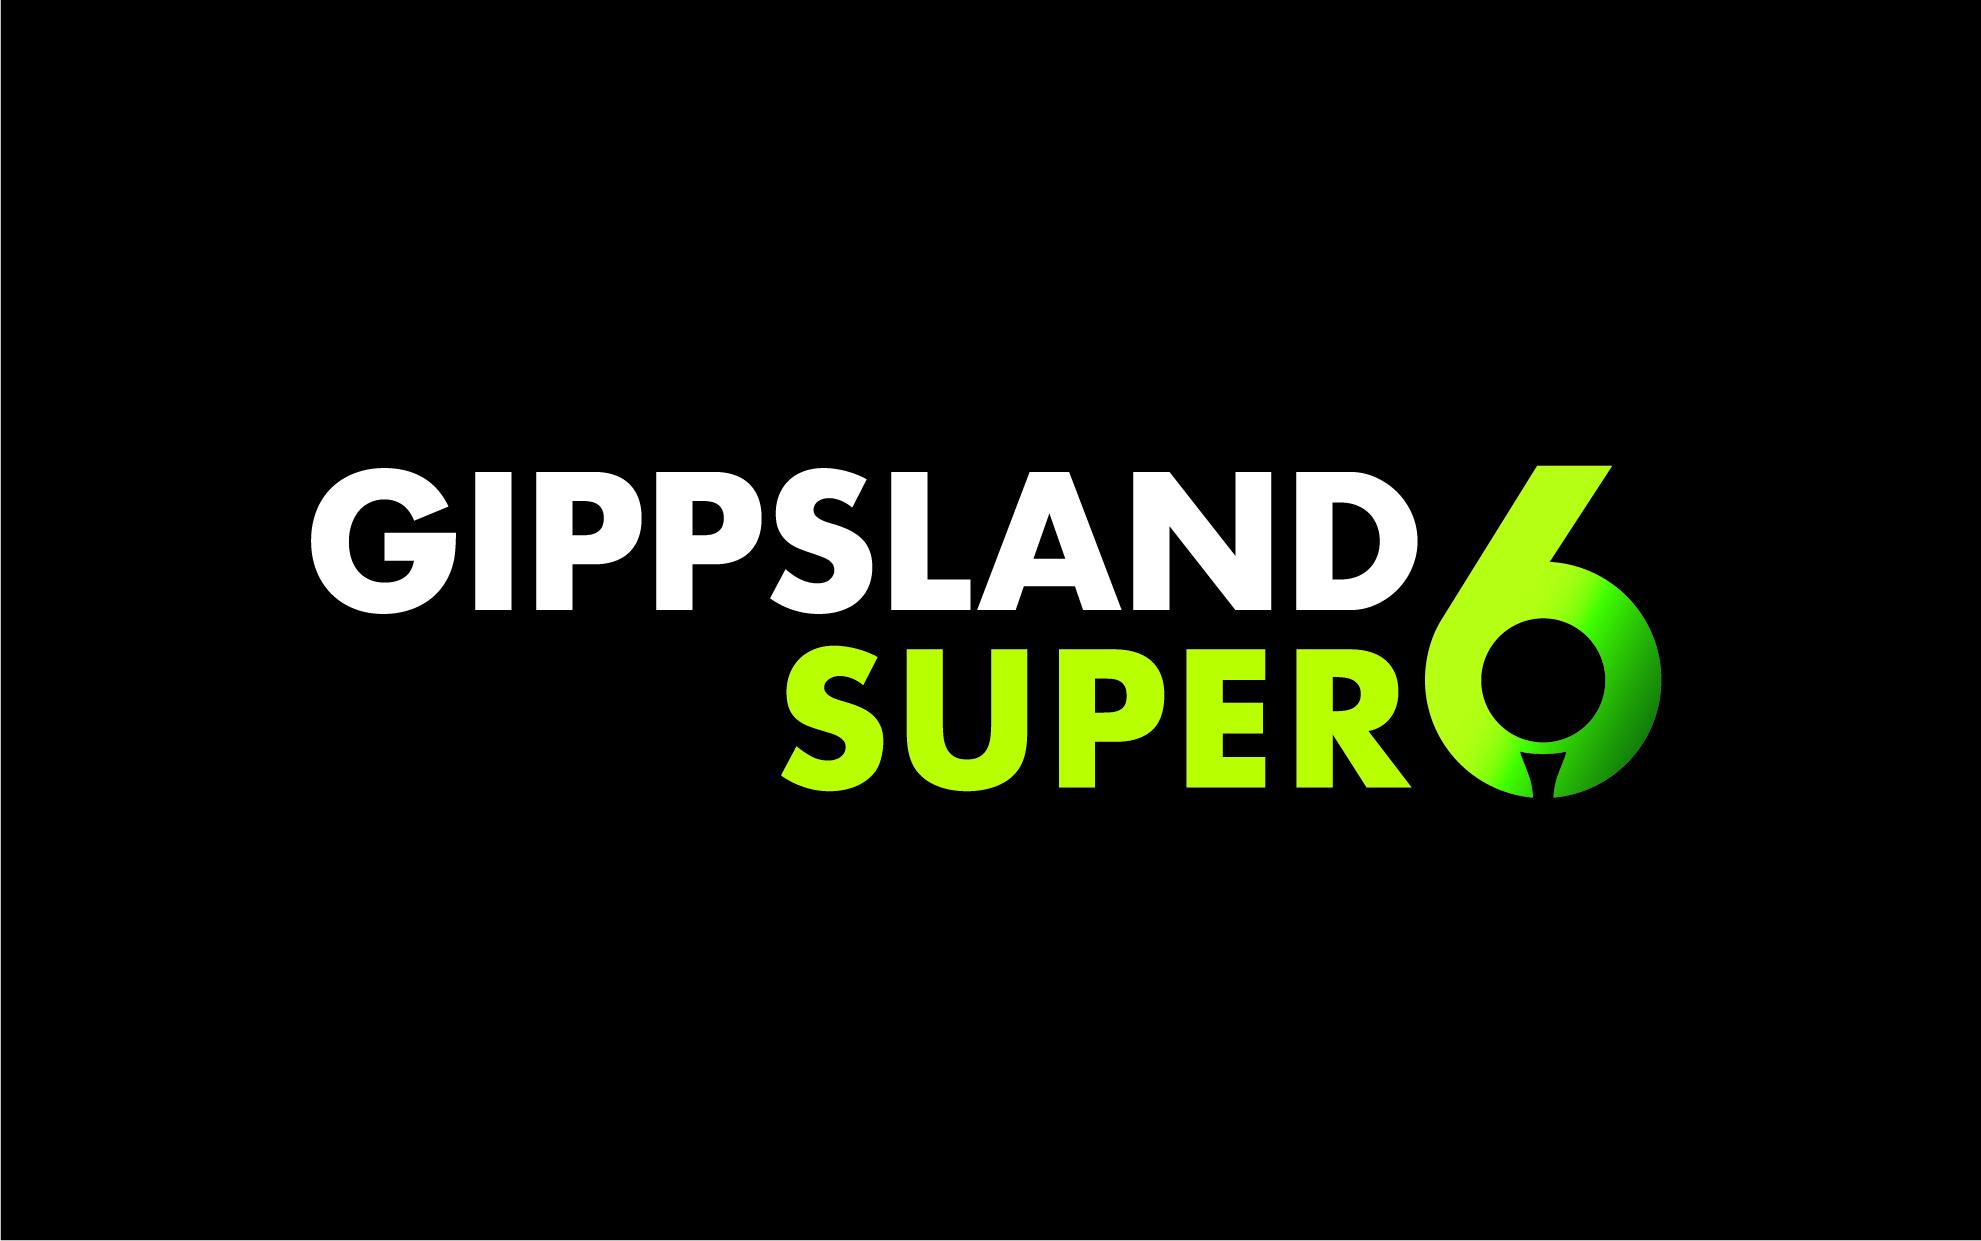 GippslandSuper6-01